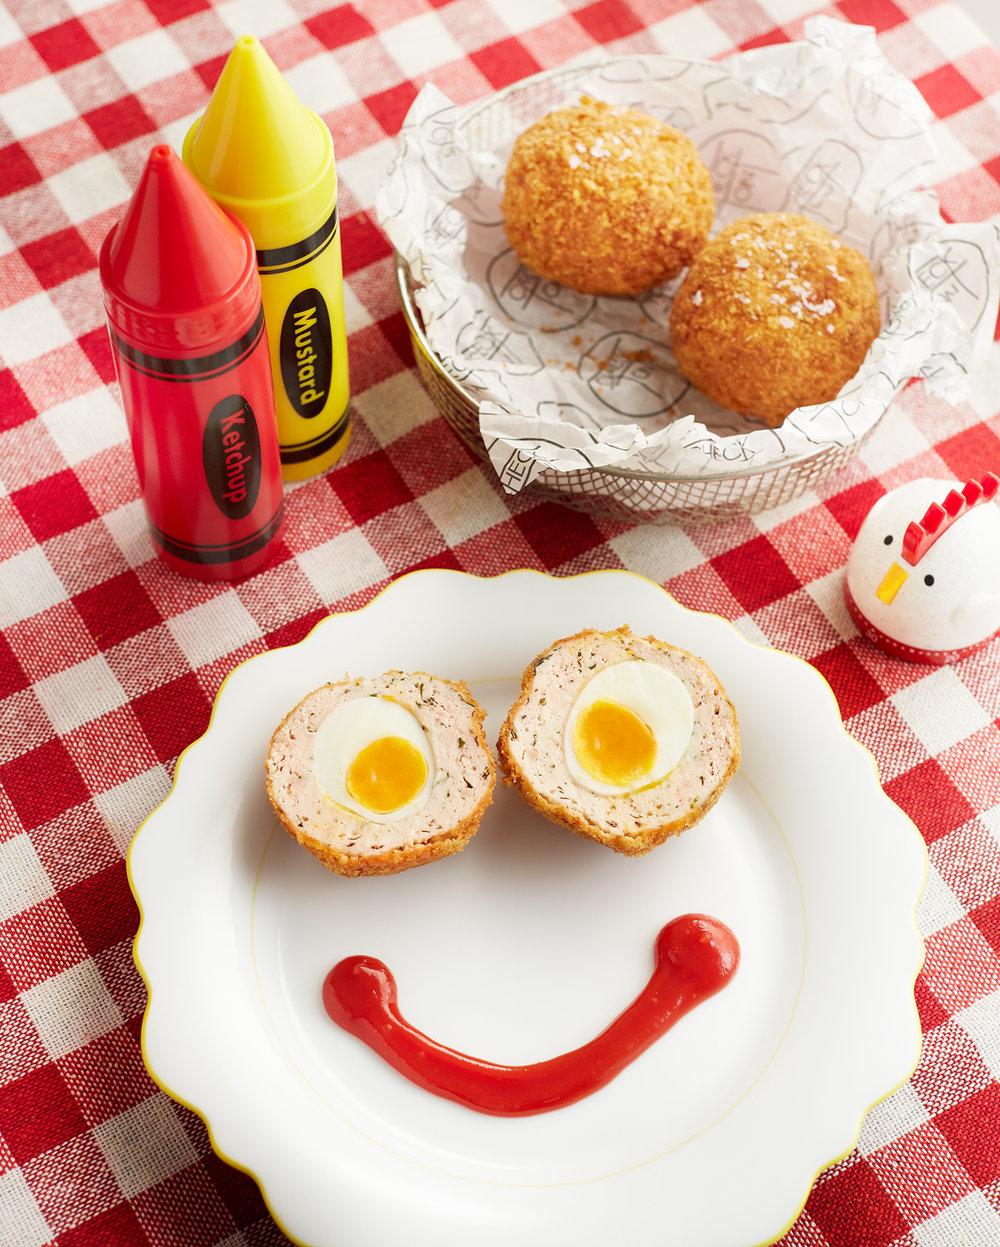 02_Chicken_Scotch_Eggs_41080.jpg